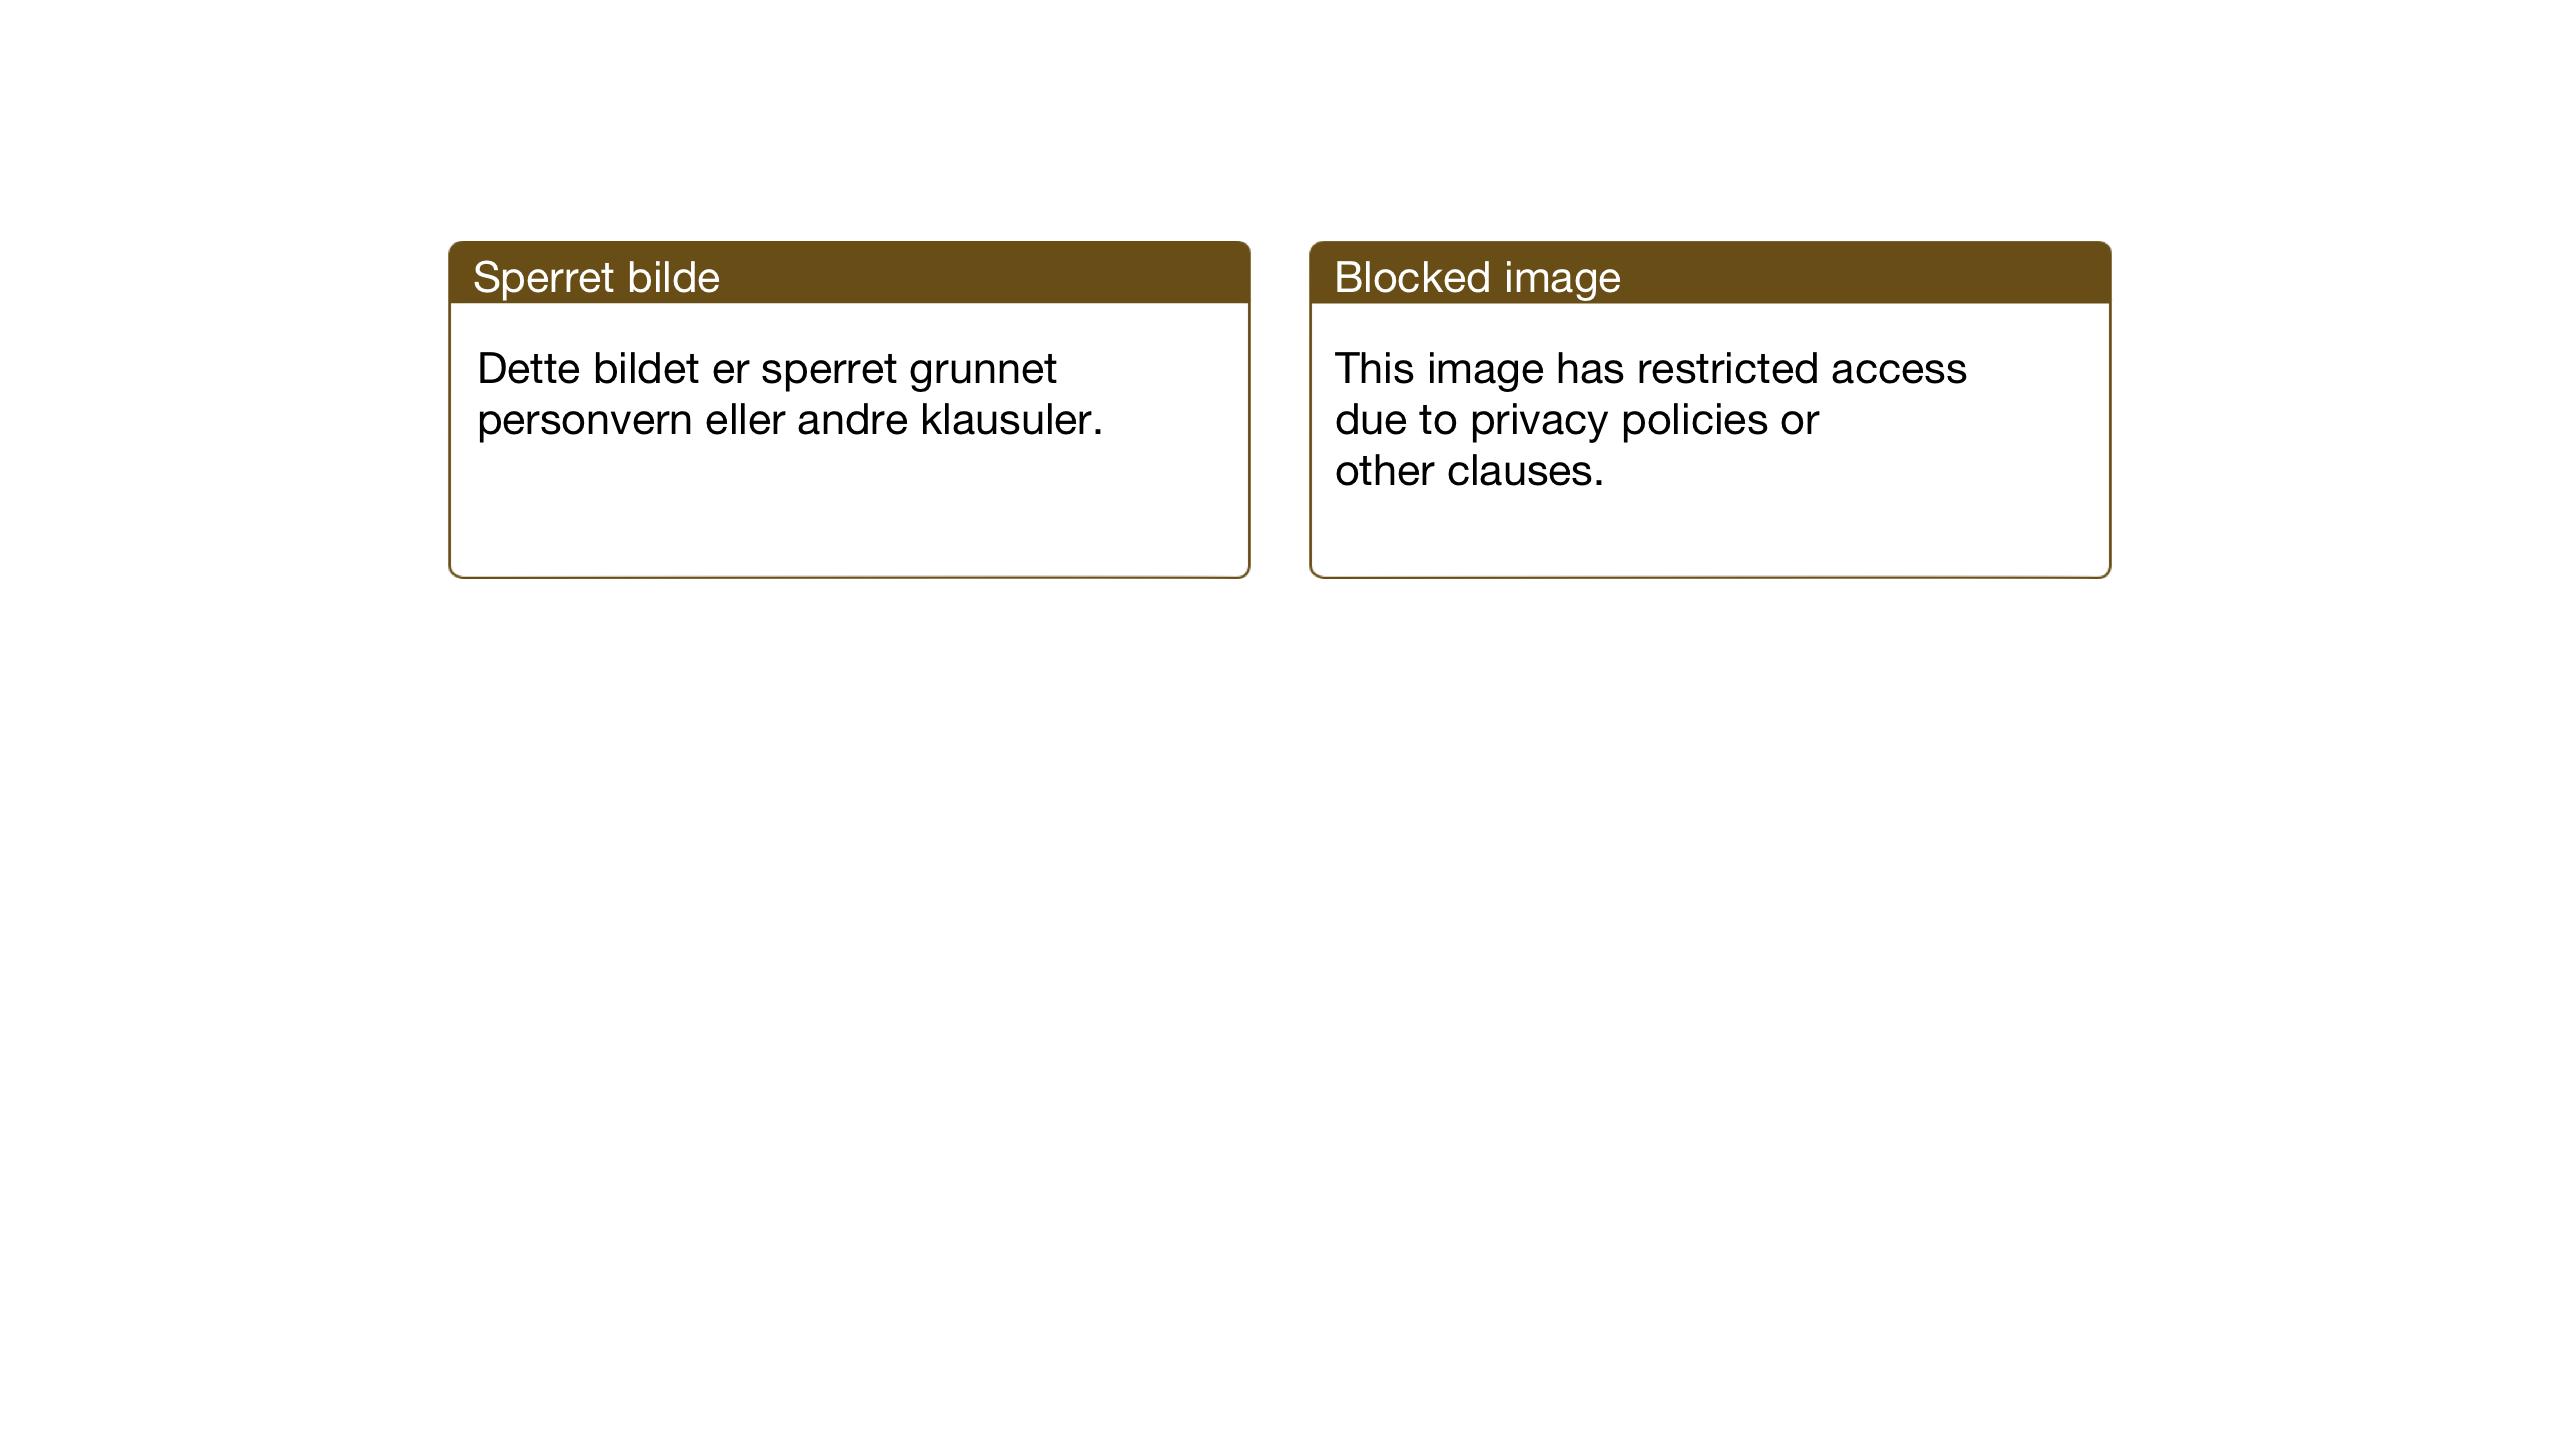 SAT, Ministerialprotokoller, klokkerbøker og fødselsregistre - Nord-Trøndelag, 748/L0465: Klokkerbok nr. 748C01, 1908-1960, s. 73